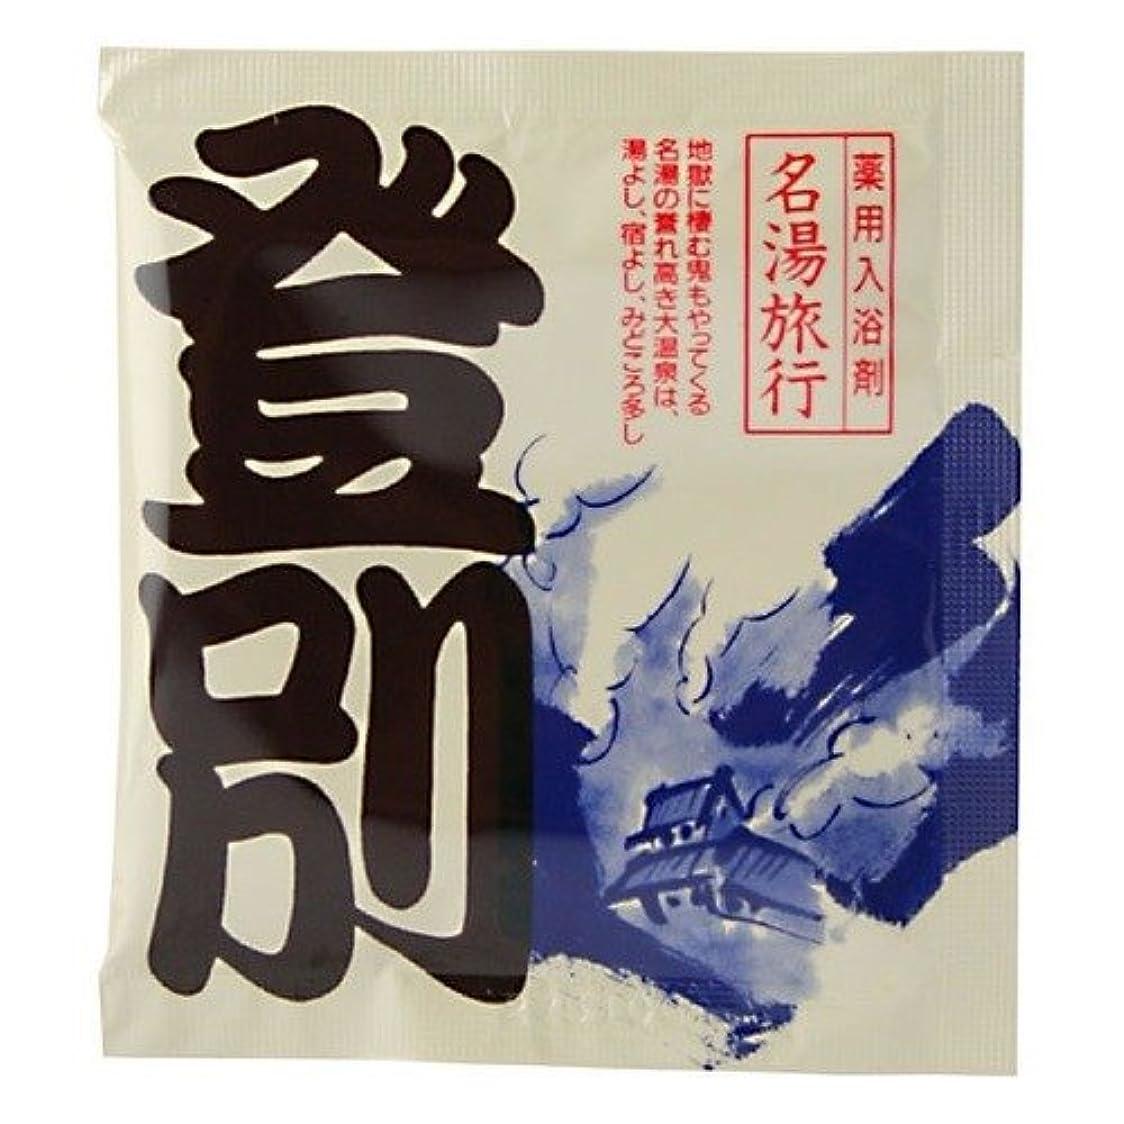 定規ウミウシ平行五洲薬品 名湯旅行 登別 25g 4987332126720